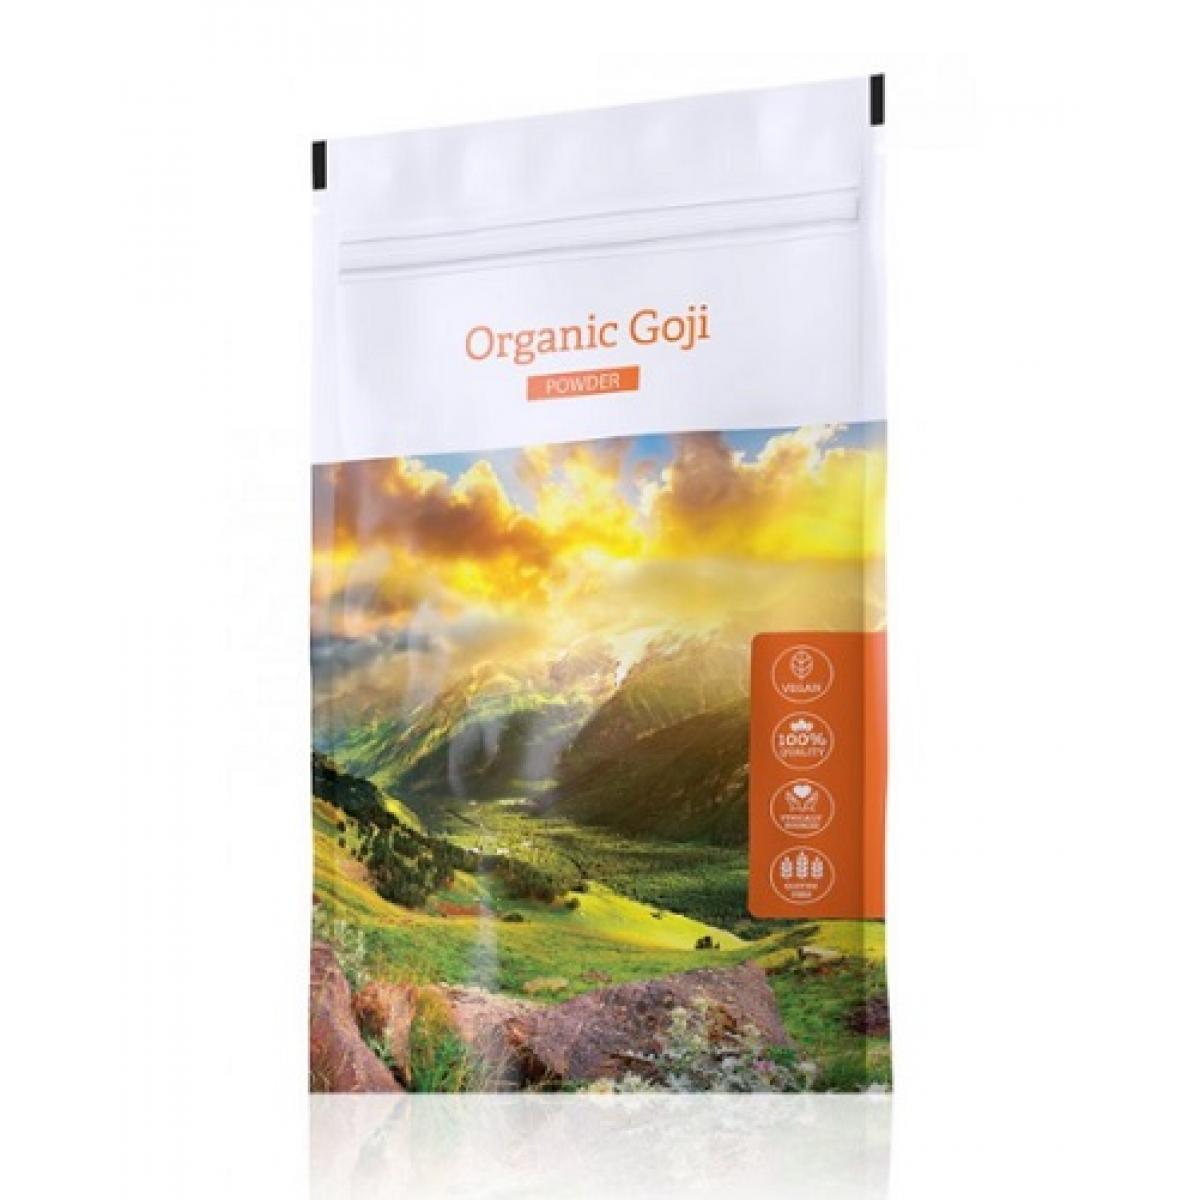 Organic Goji powder - 100 g